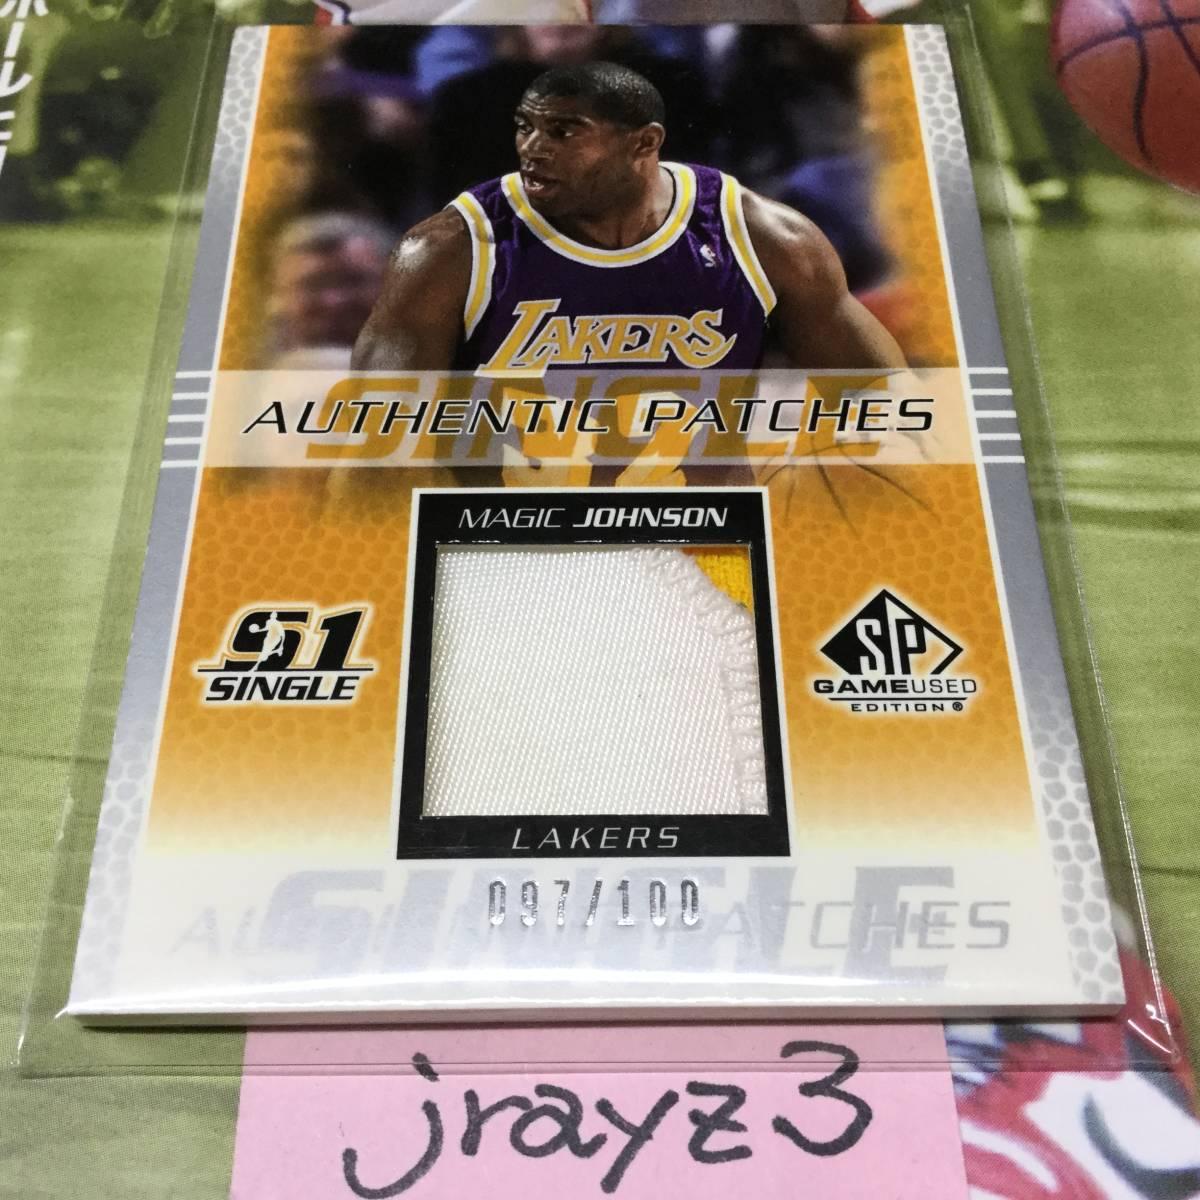 【人気シリーズ】2003-04 UD SP GAME USED EDITION Patches Magic Johnson 100枚限定